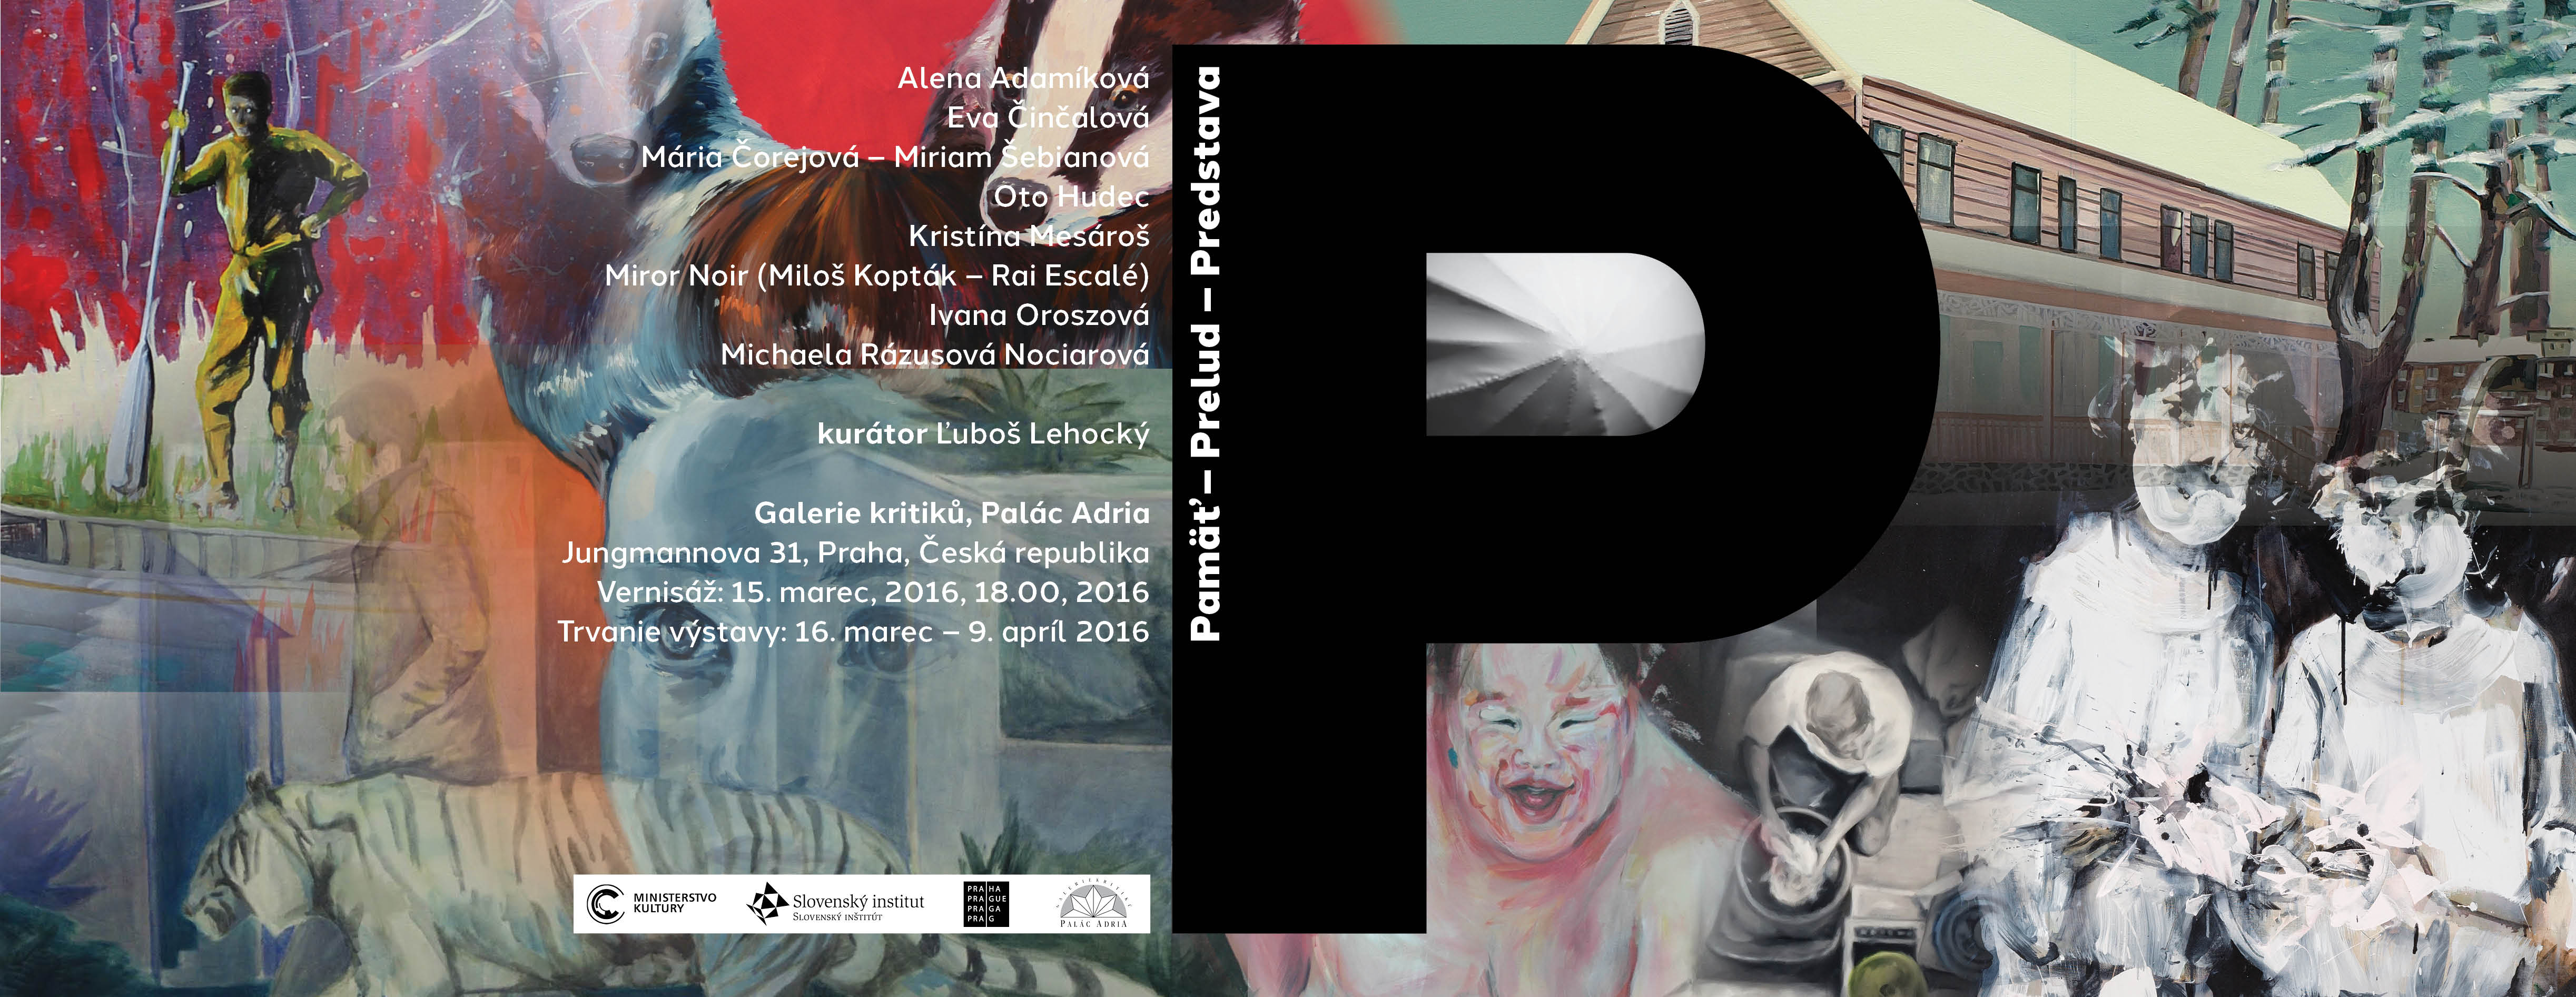 Pamat_Prelud_Predstava_GalerieKritiku_pozvanka.jpg